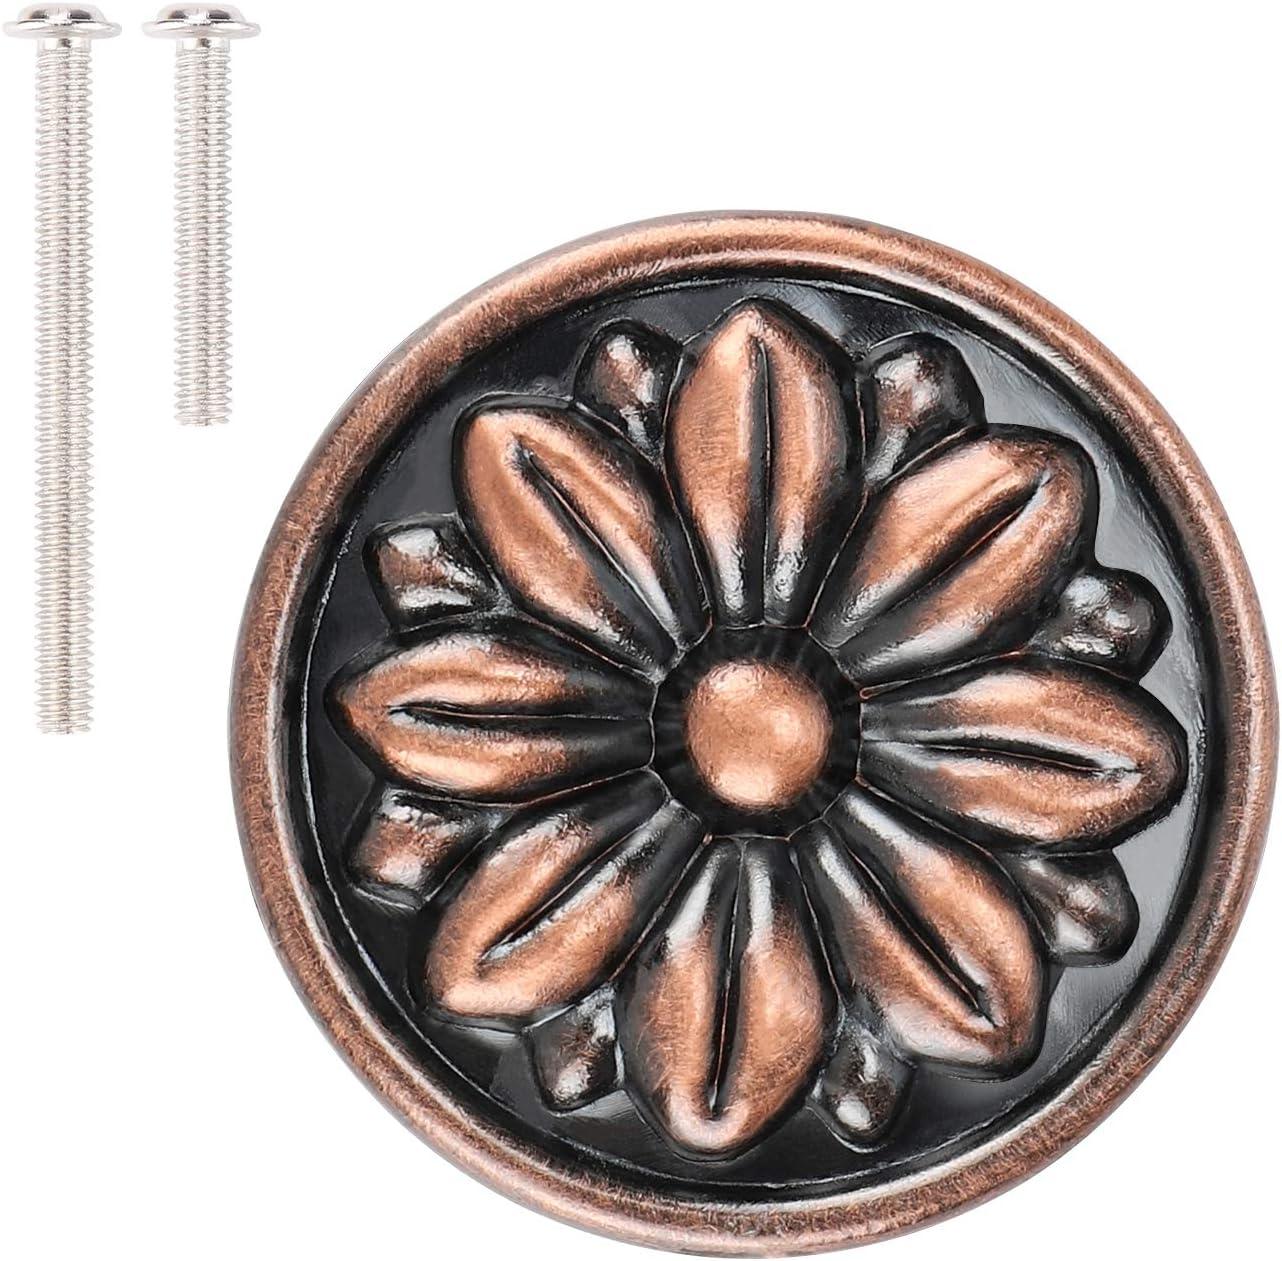 10 Brass Knobs NOS Dresser Drawer Handle Pull Furniture Hardware Vintage Cabinet